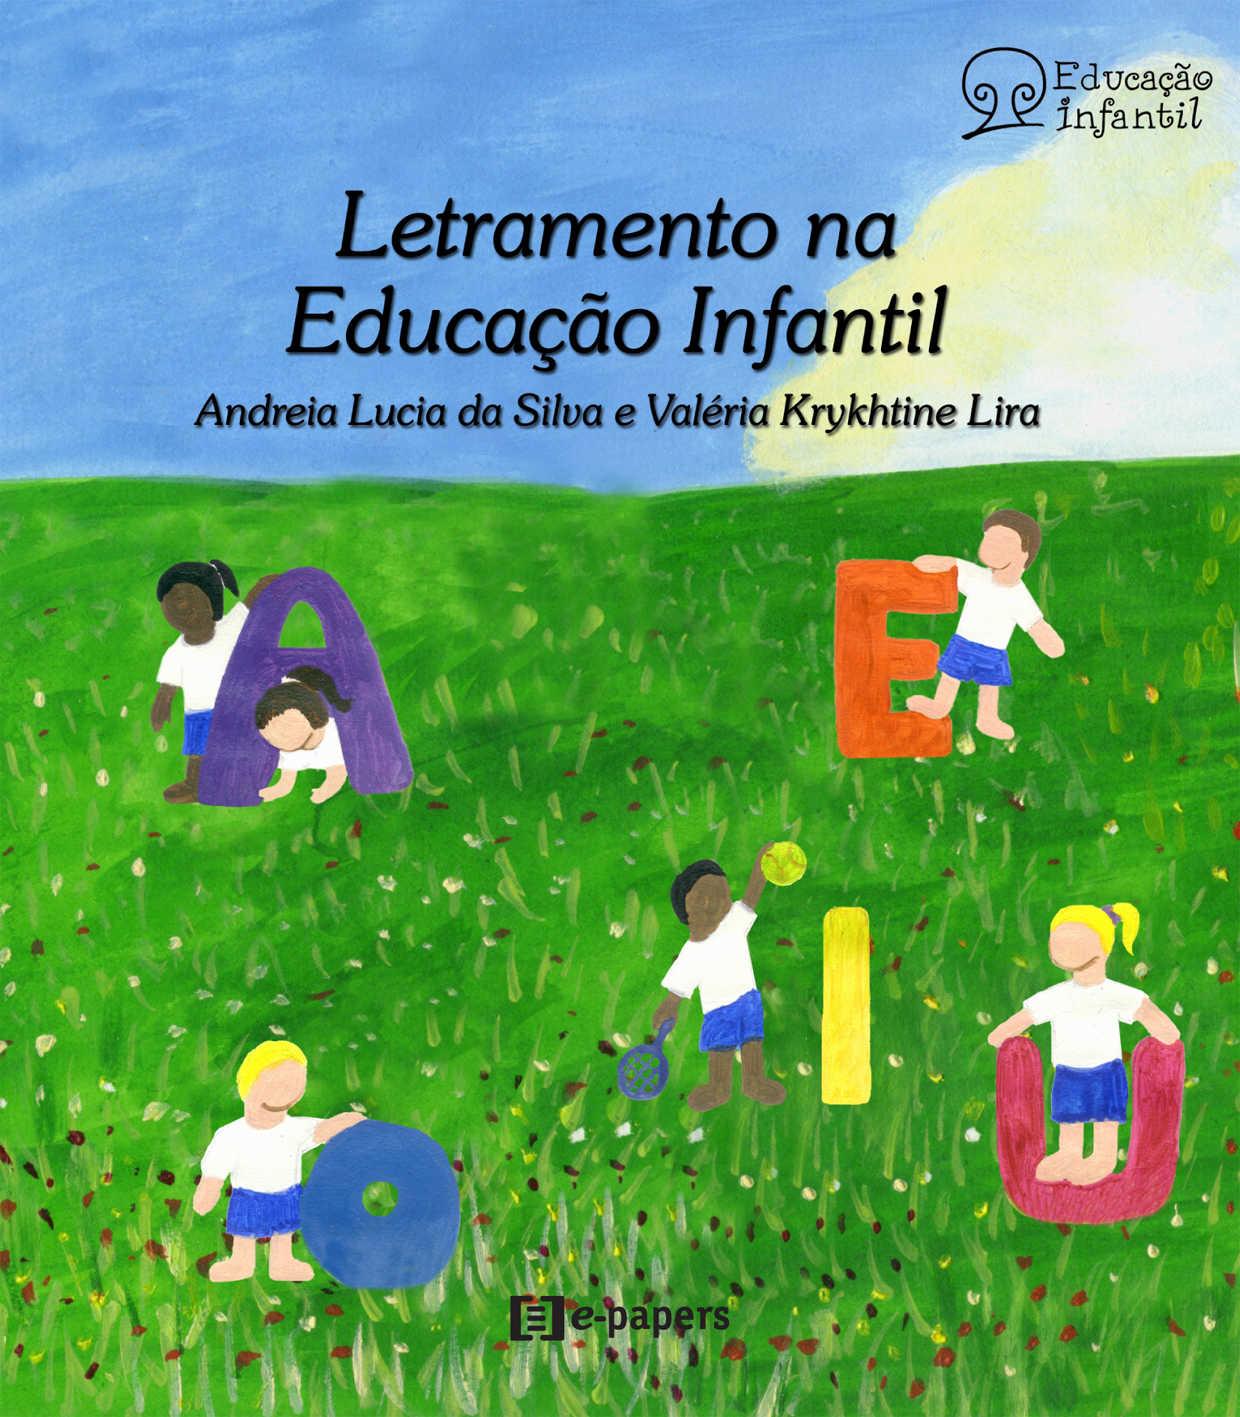 Letramento na Educação Infantil